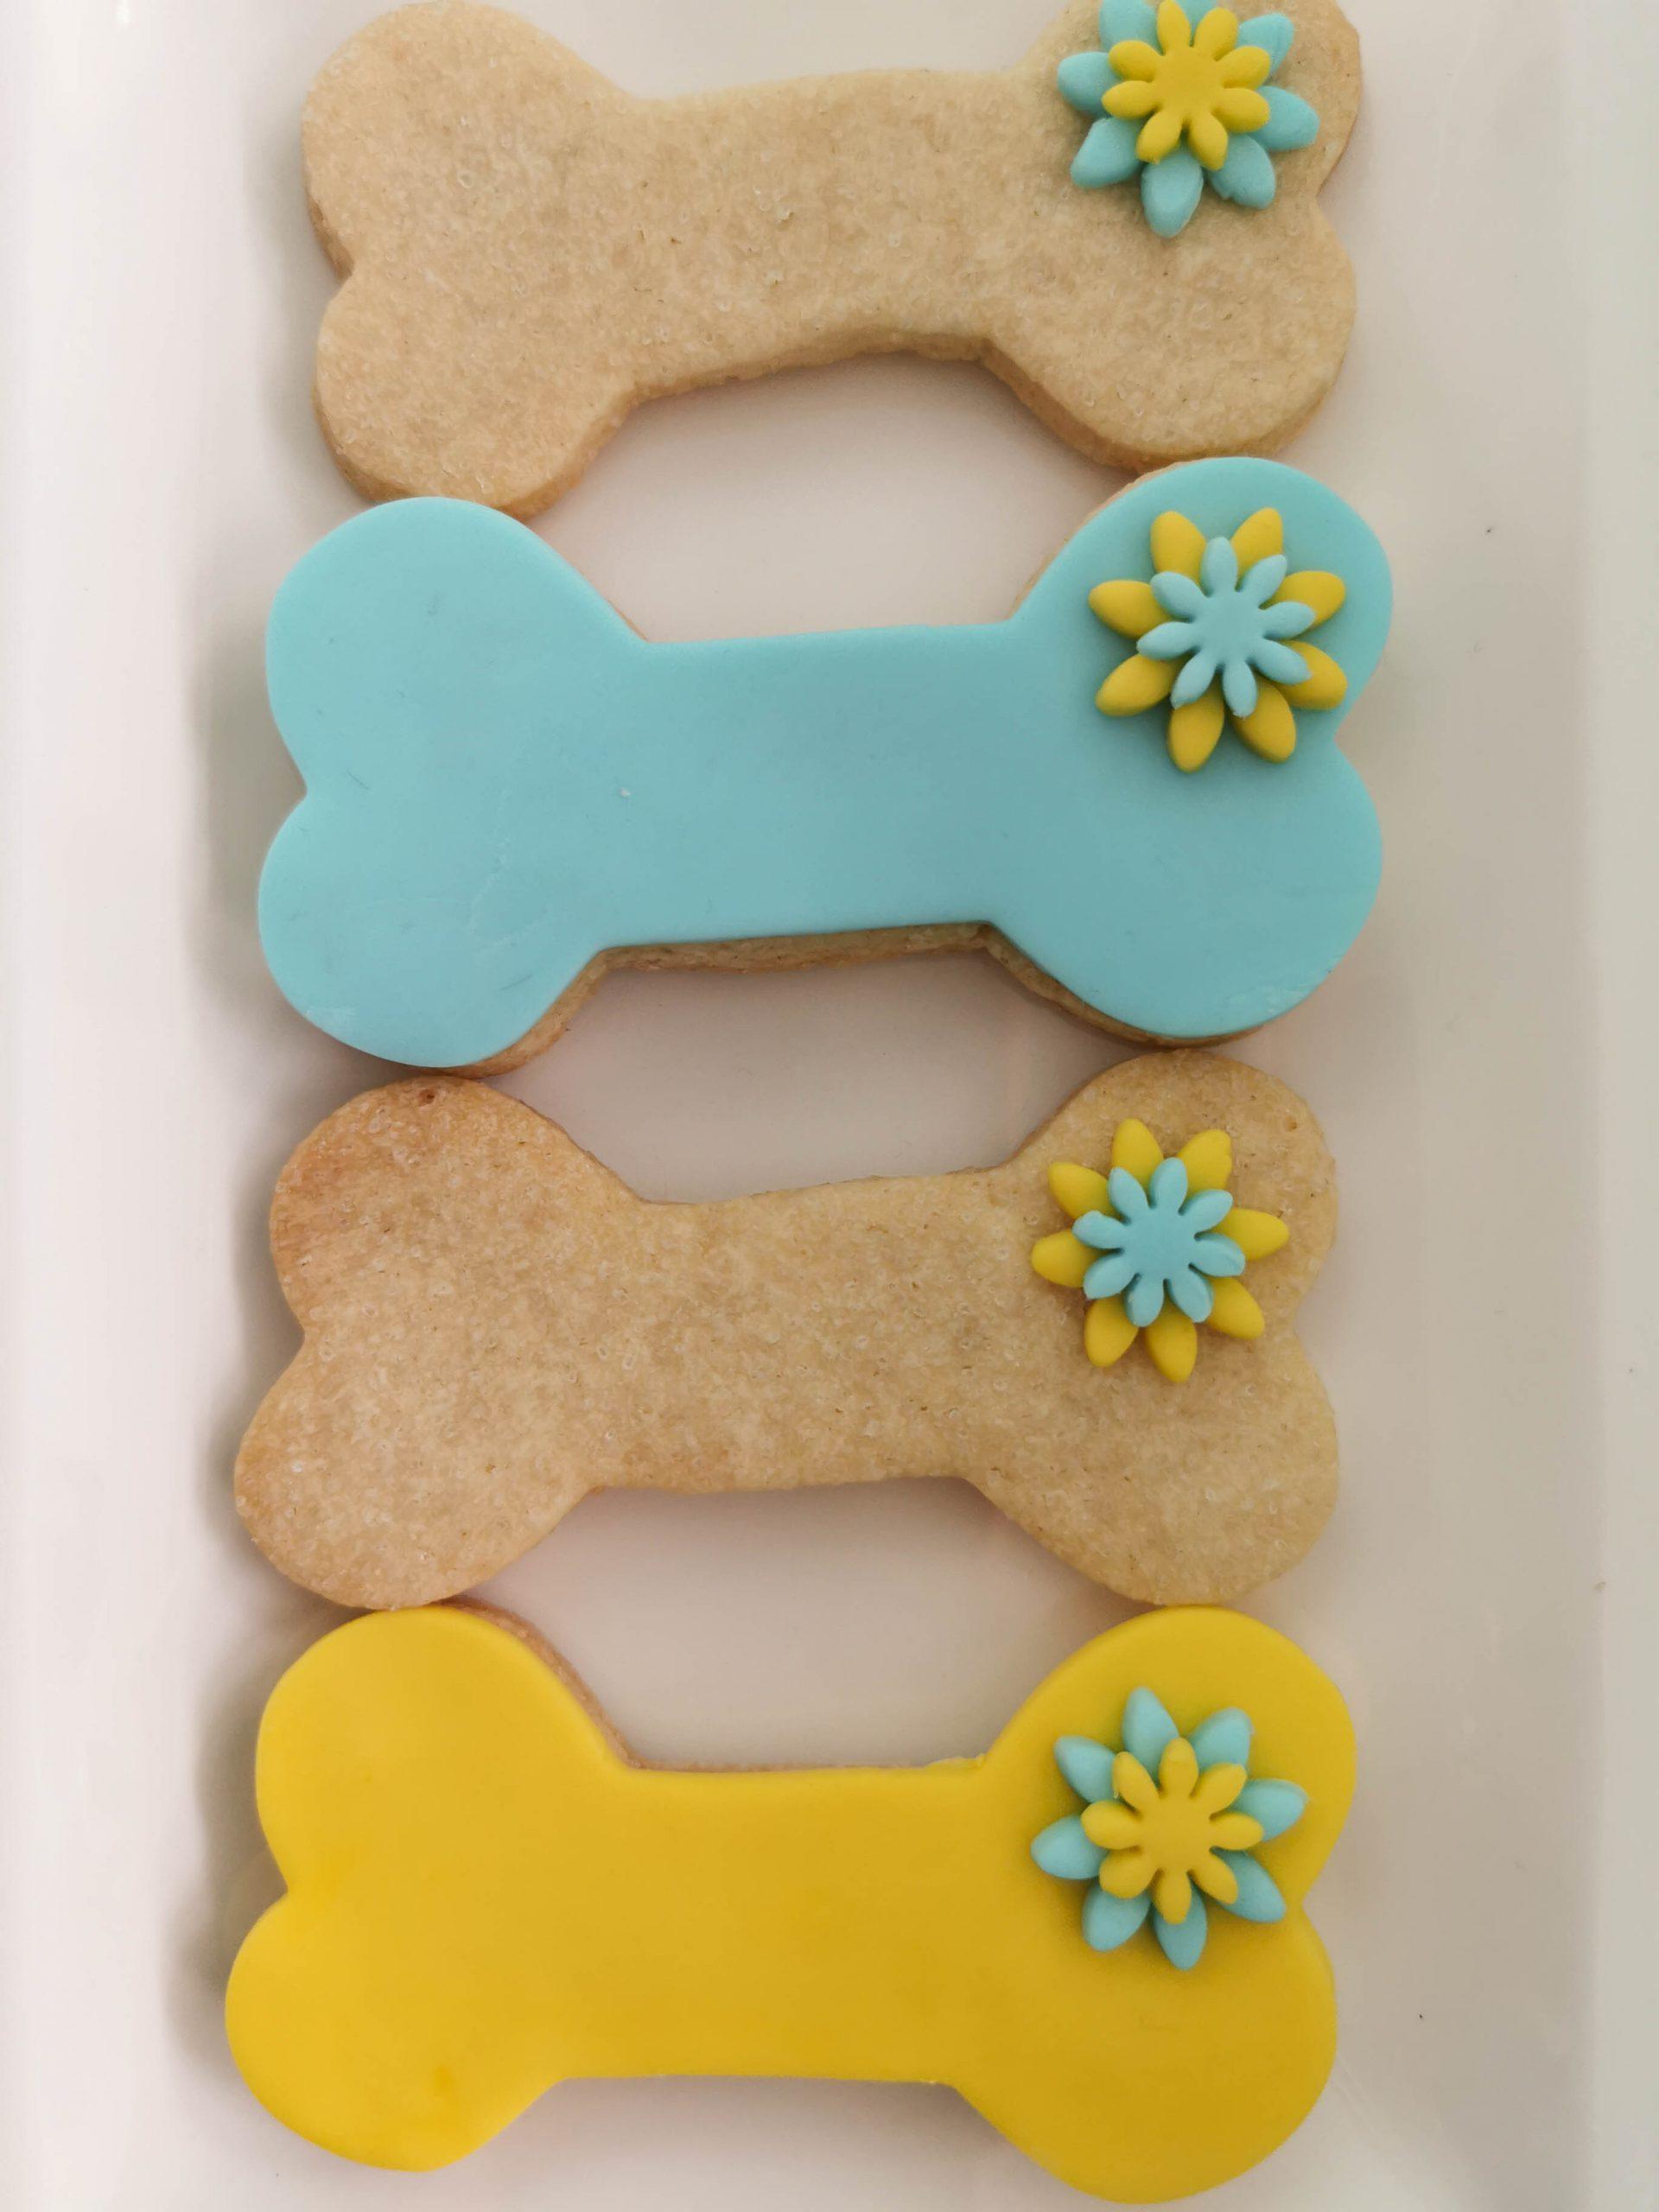 4 koekjes in de vorm van een botje, waarvan er 2 gedecoreerd zijn met fondant